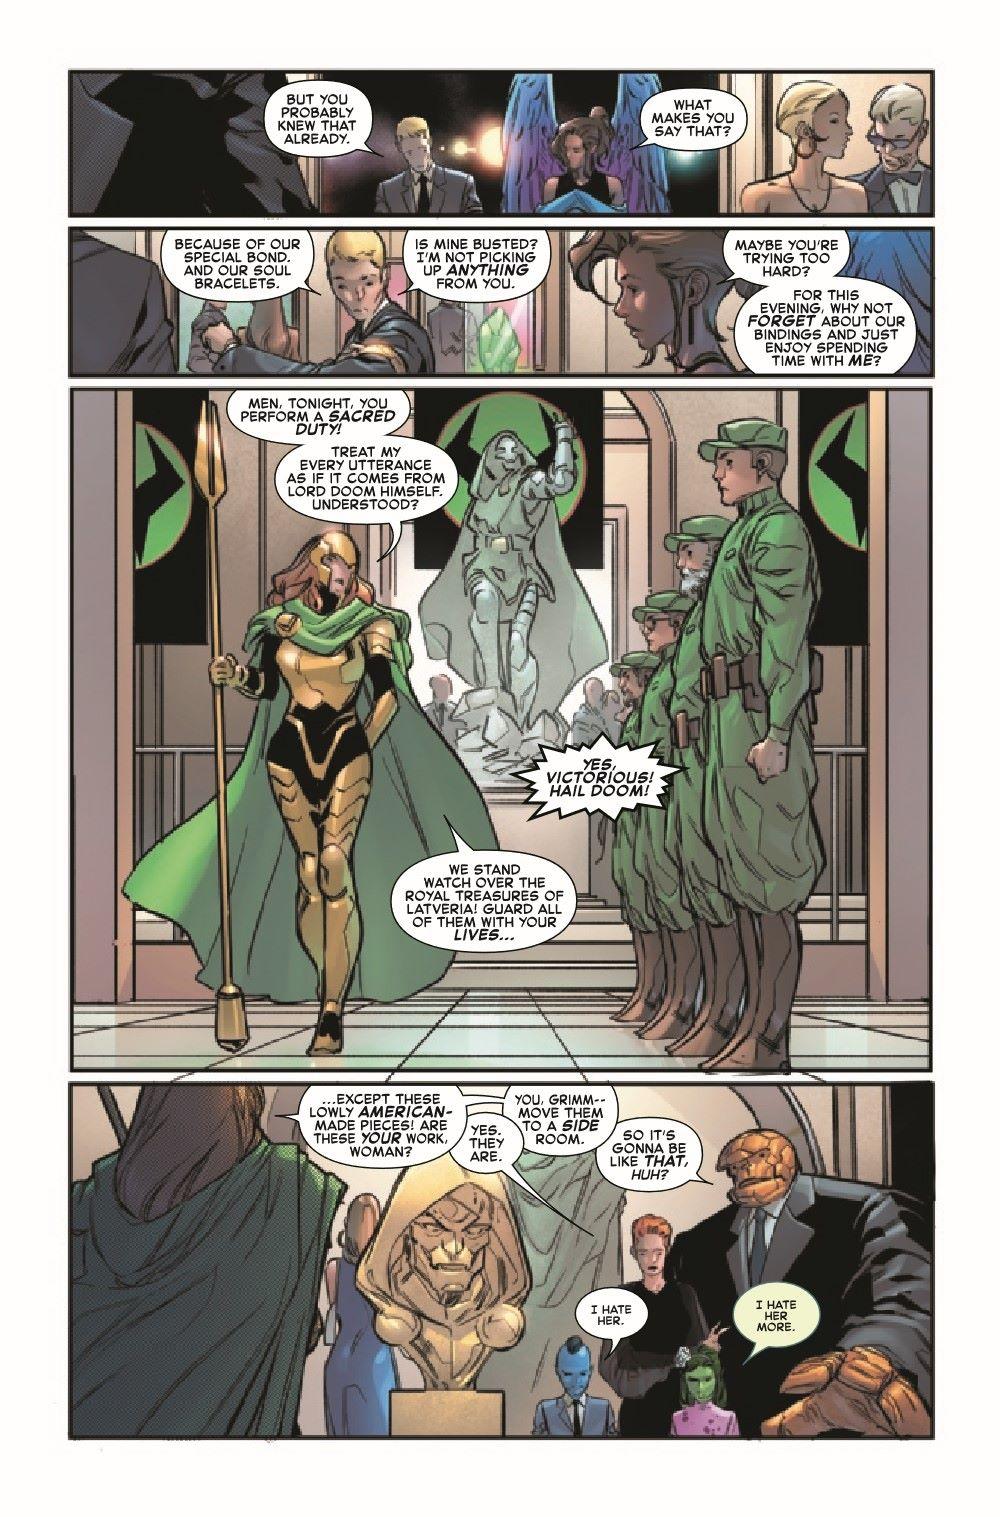 FF2018032_Preview-4 ComicList Previews: FANTASTIC FOUR #32